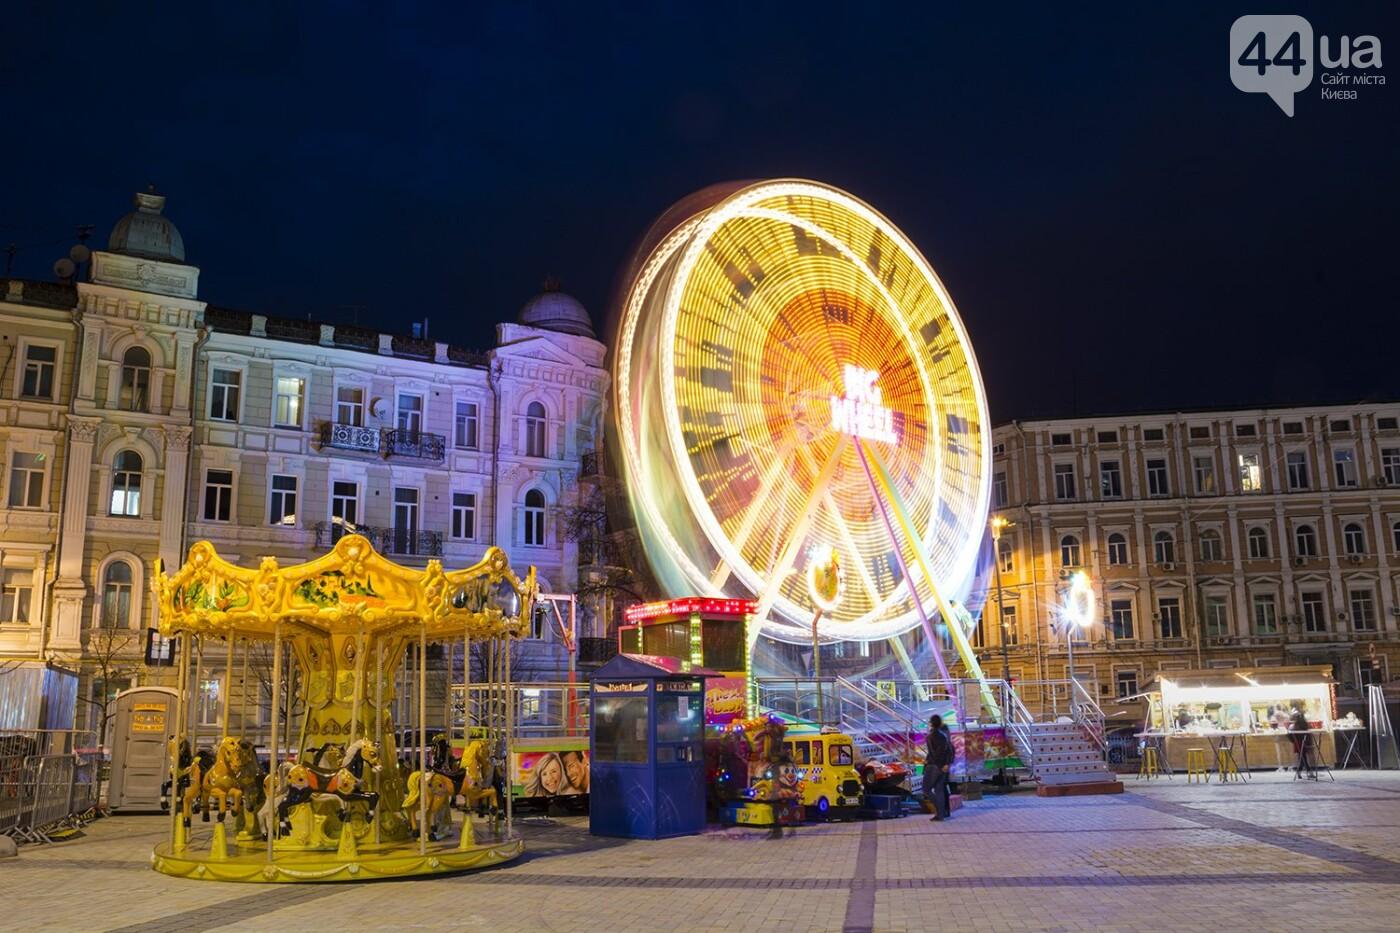 Пасхальная иллюминация: как выглядит фестиваль писанок ночью, фото-9